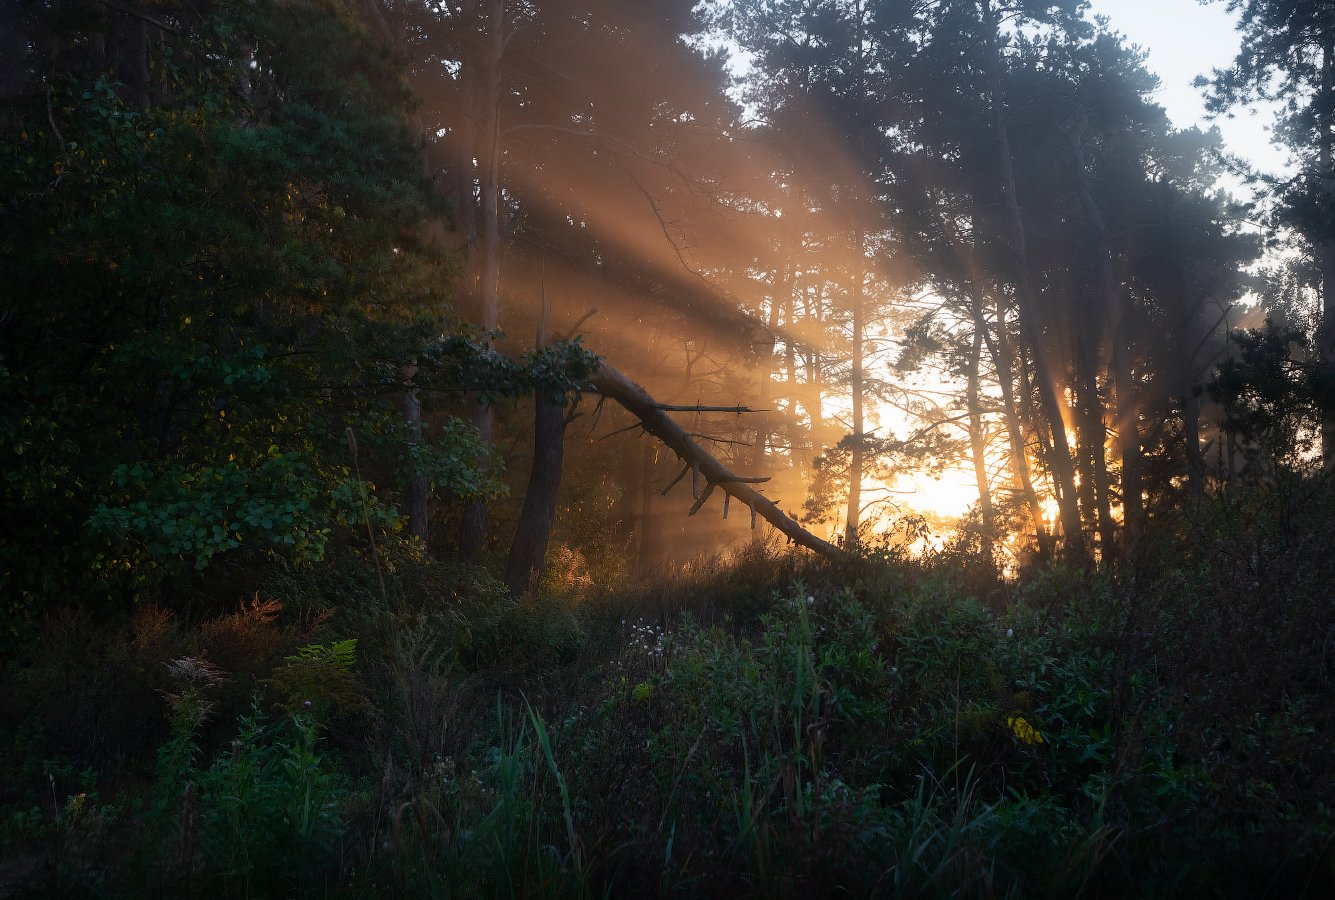 рассвет, осень, лес, дымка, свет,, Сергей Шабуневич